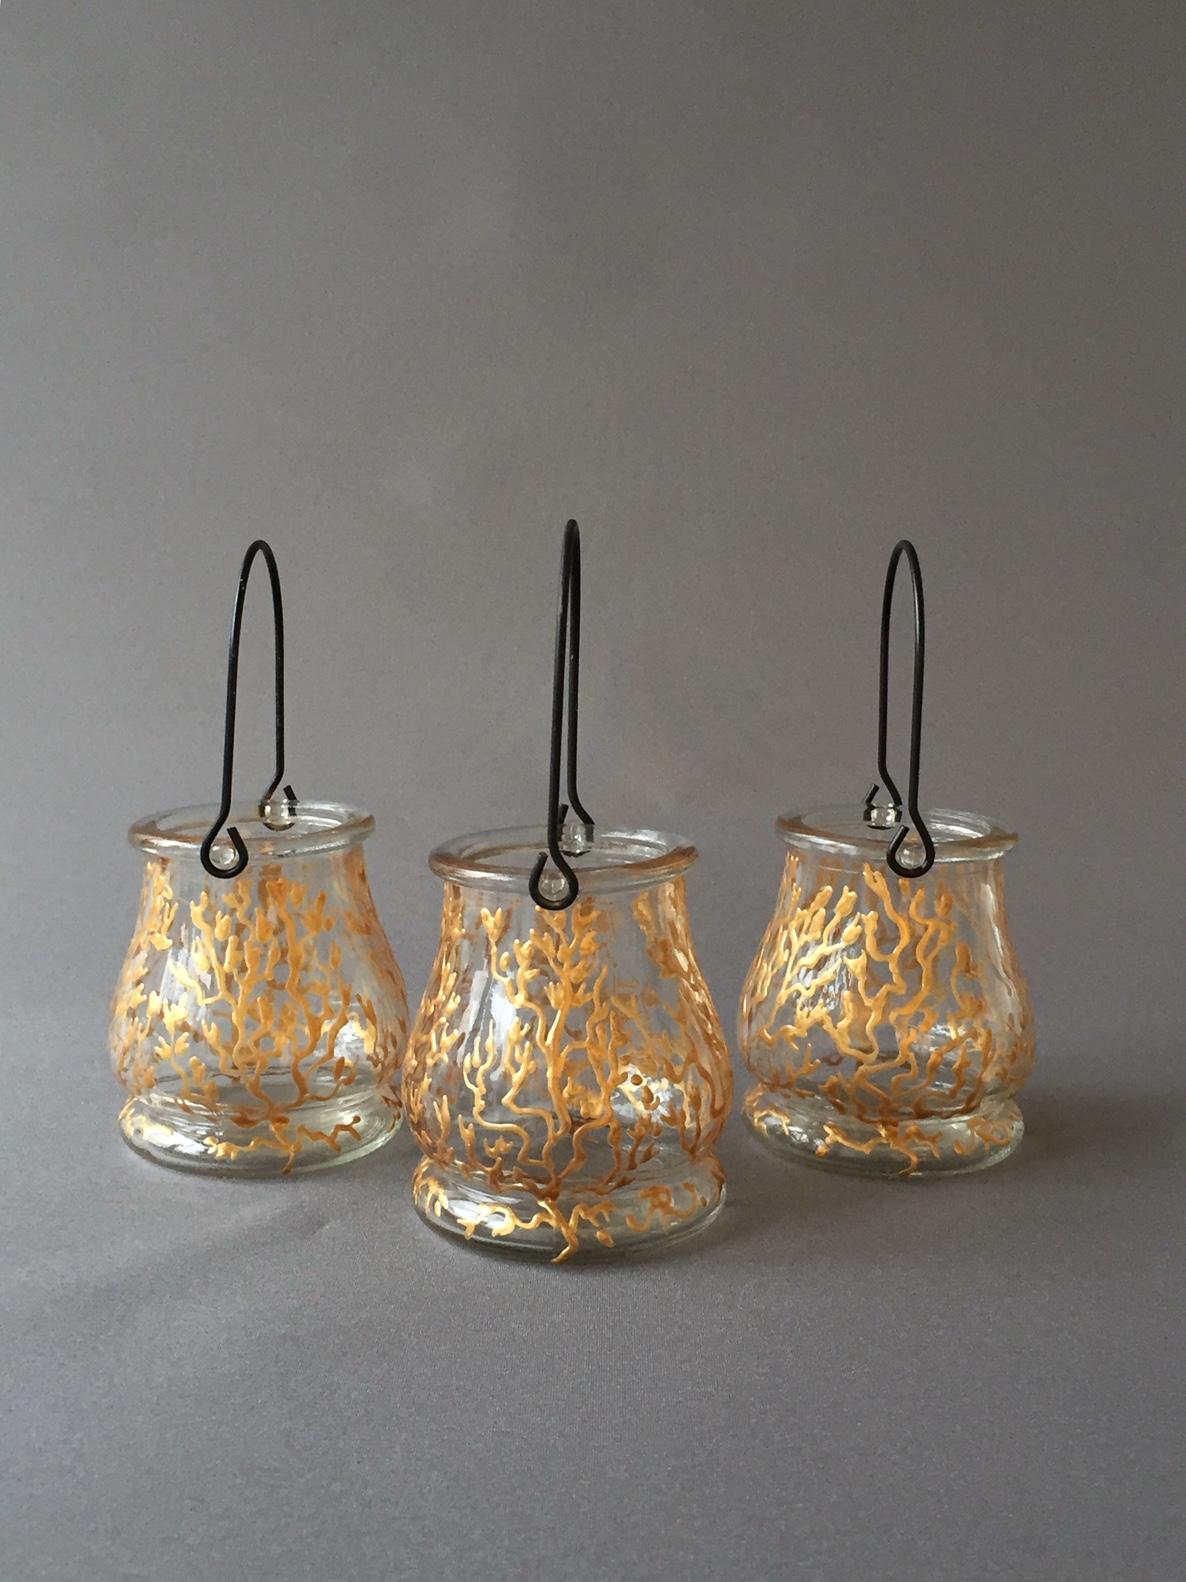 Lantaarntjes 'Belle Époque d'Or', Gebrandschilderd Glas, 10 x 8 cm, 2019